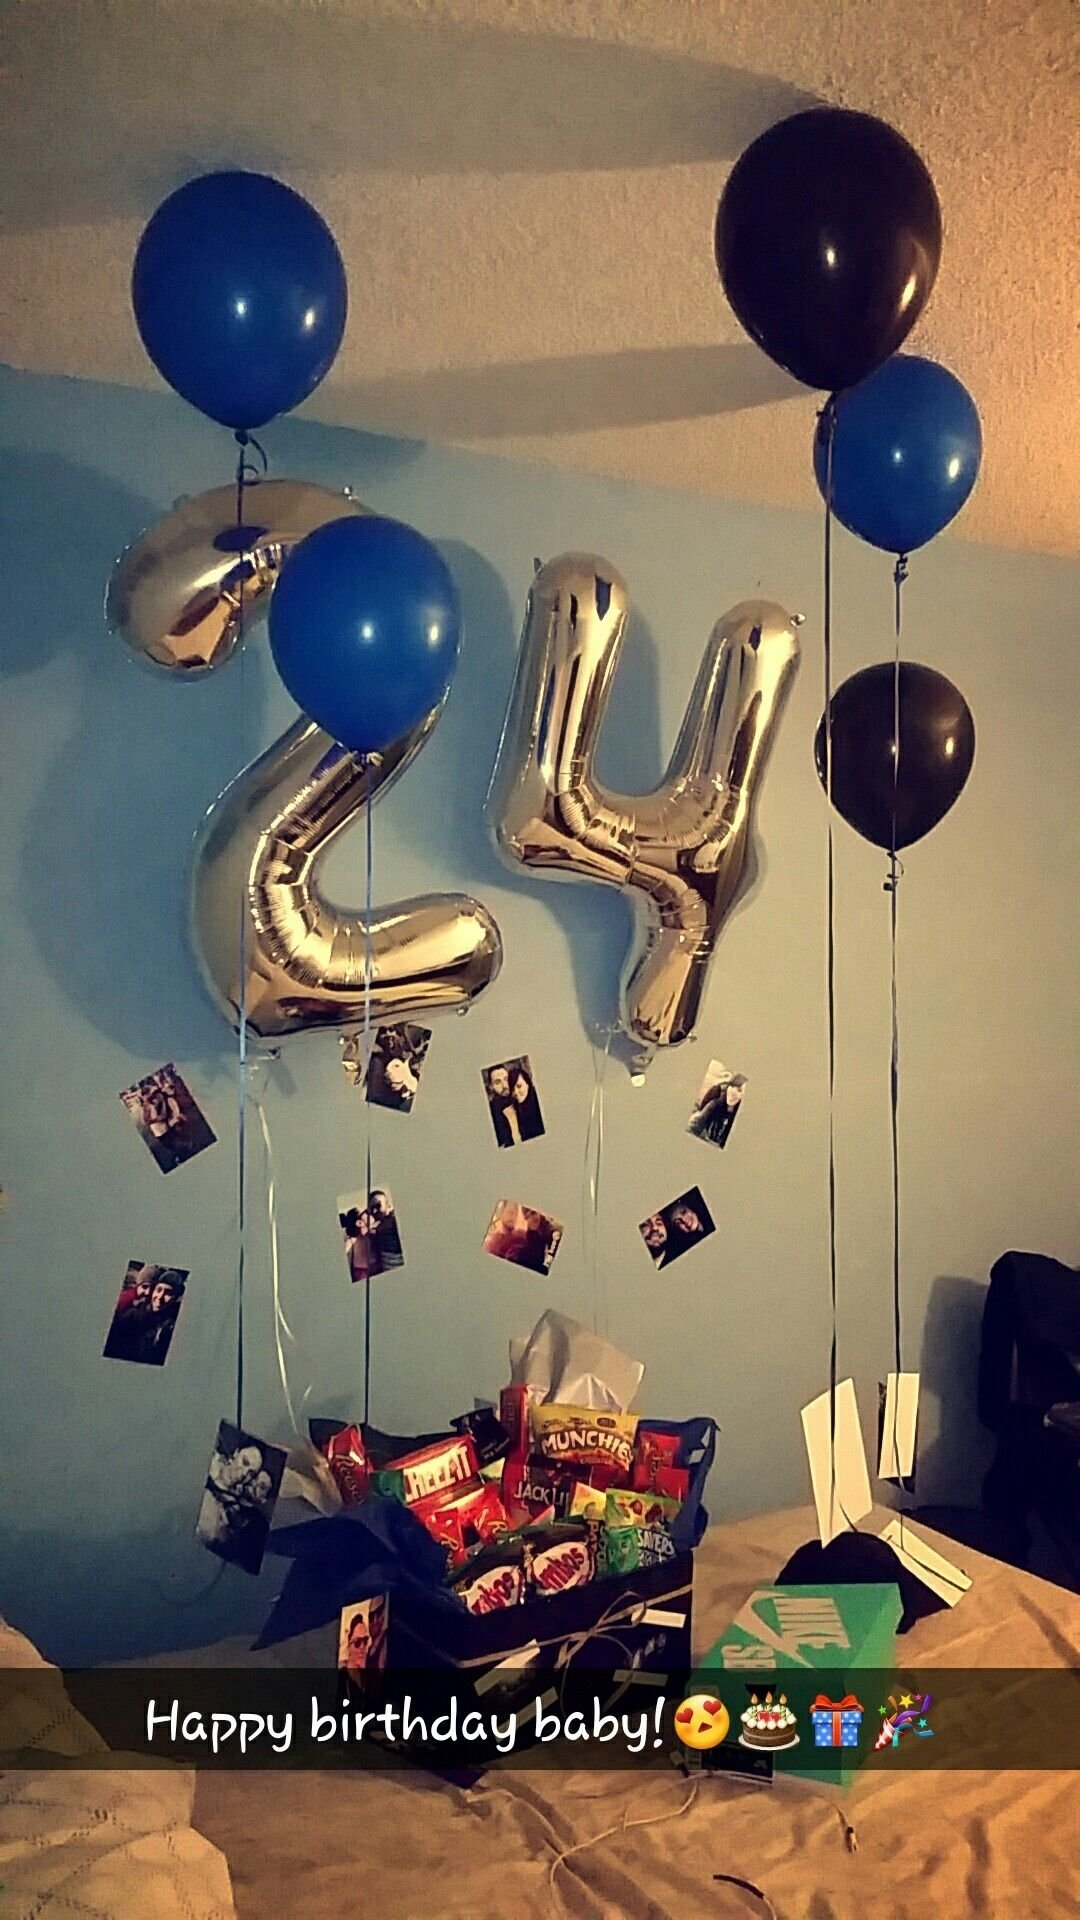 birthday surprise for his birthday! | boyfriend gift ideas